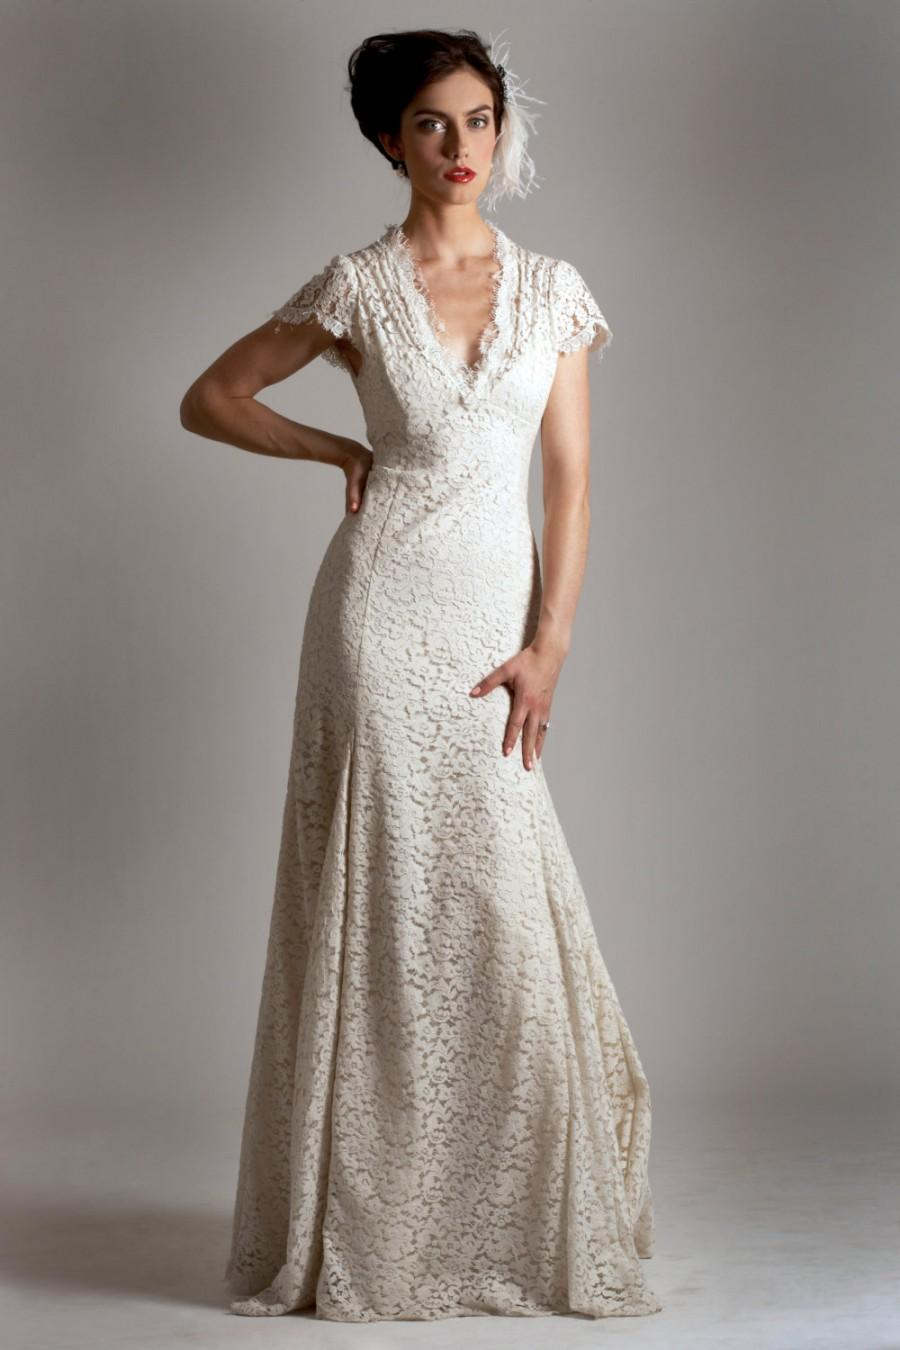 Kleiden - Vivian Gown #2696755 - Weddbook